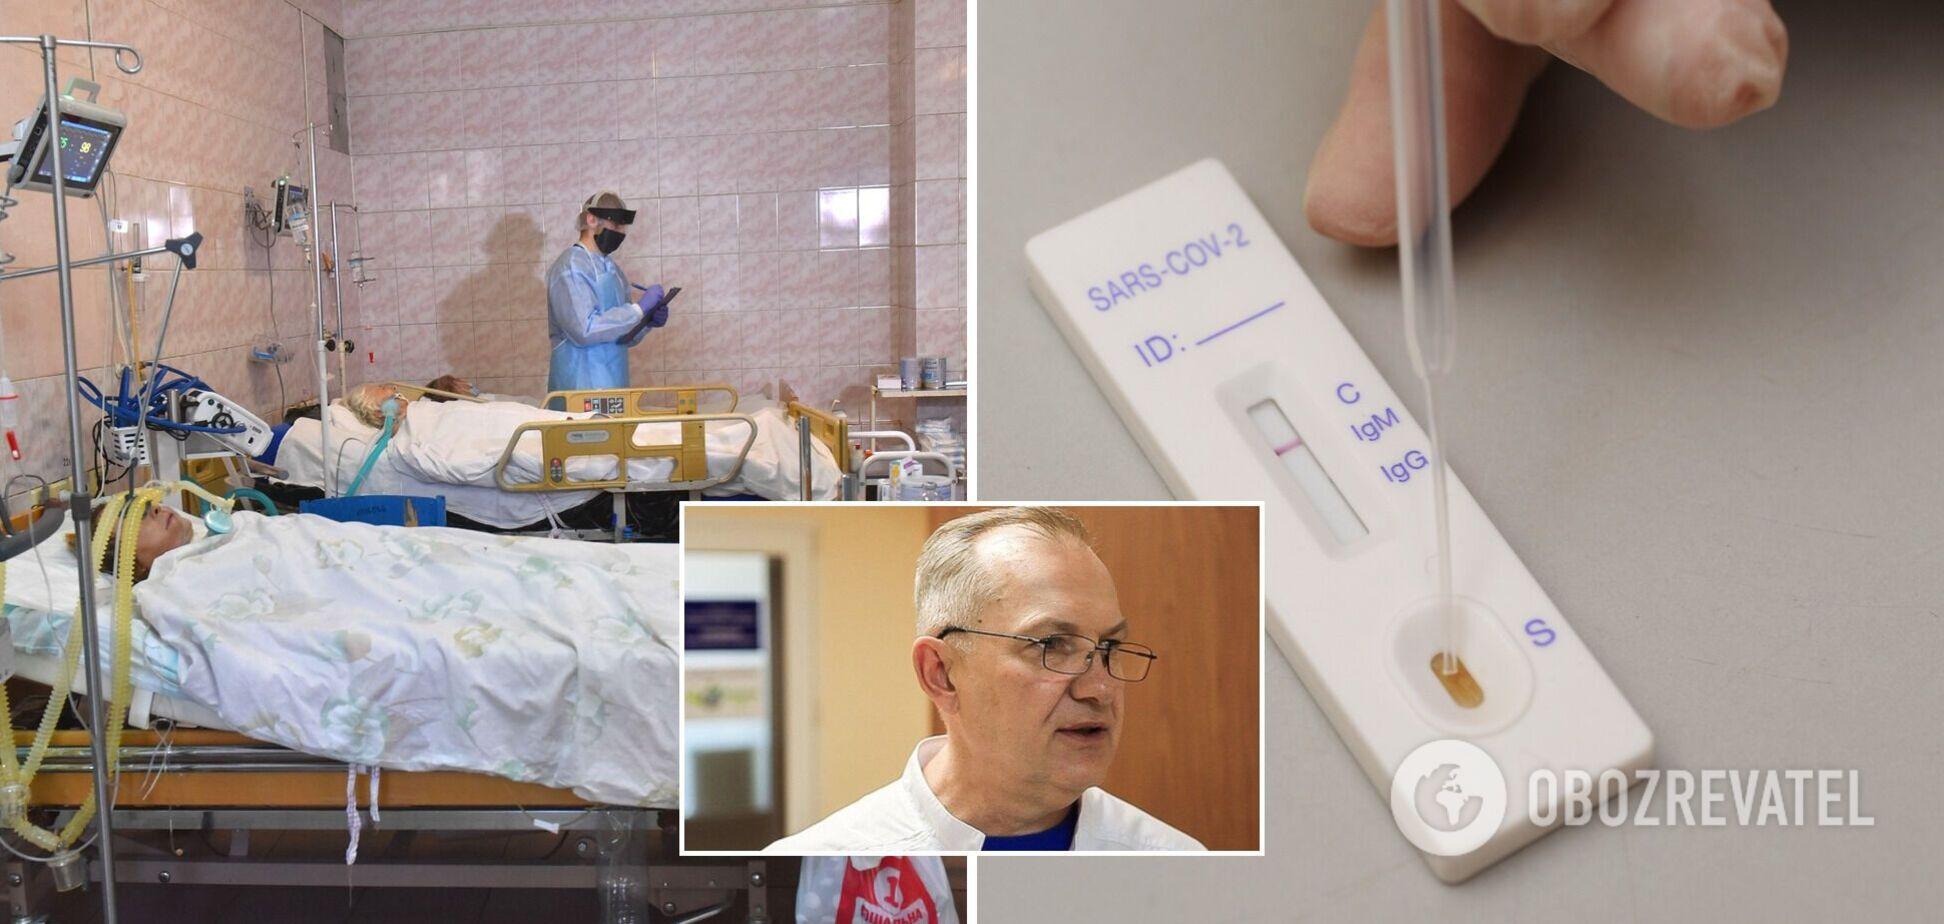 Гендиректор больницы Мечникова о новых масштабах пандемии: COVID-19 снова наступает